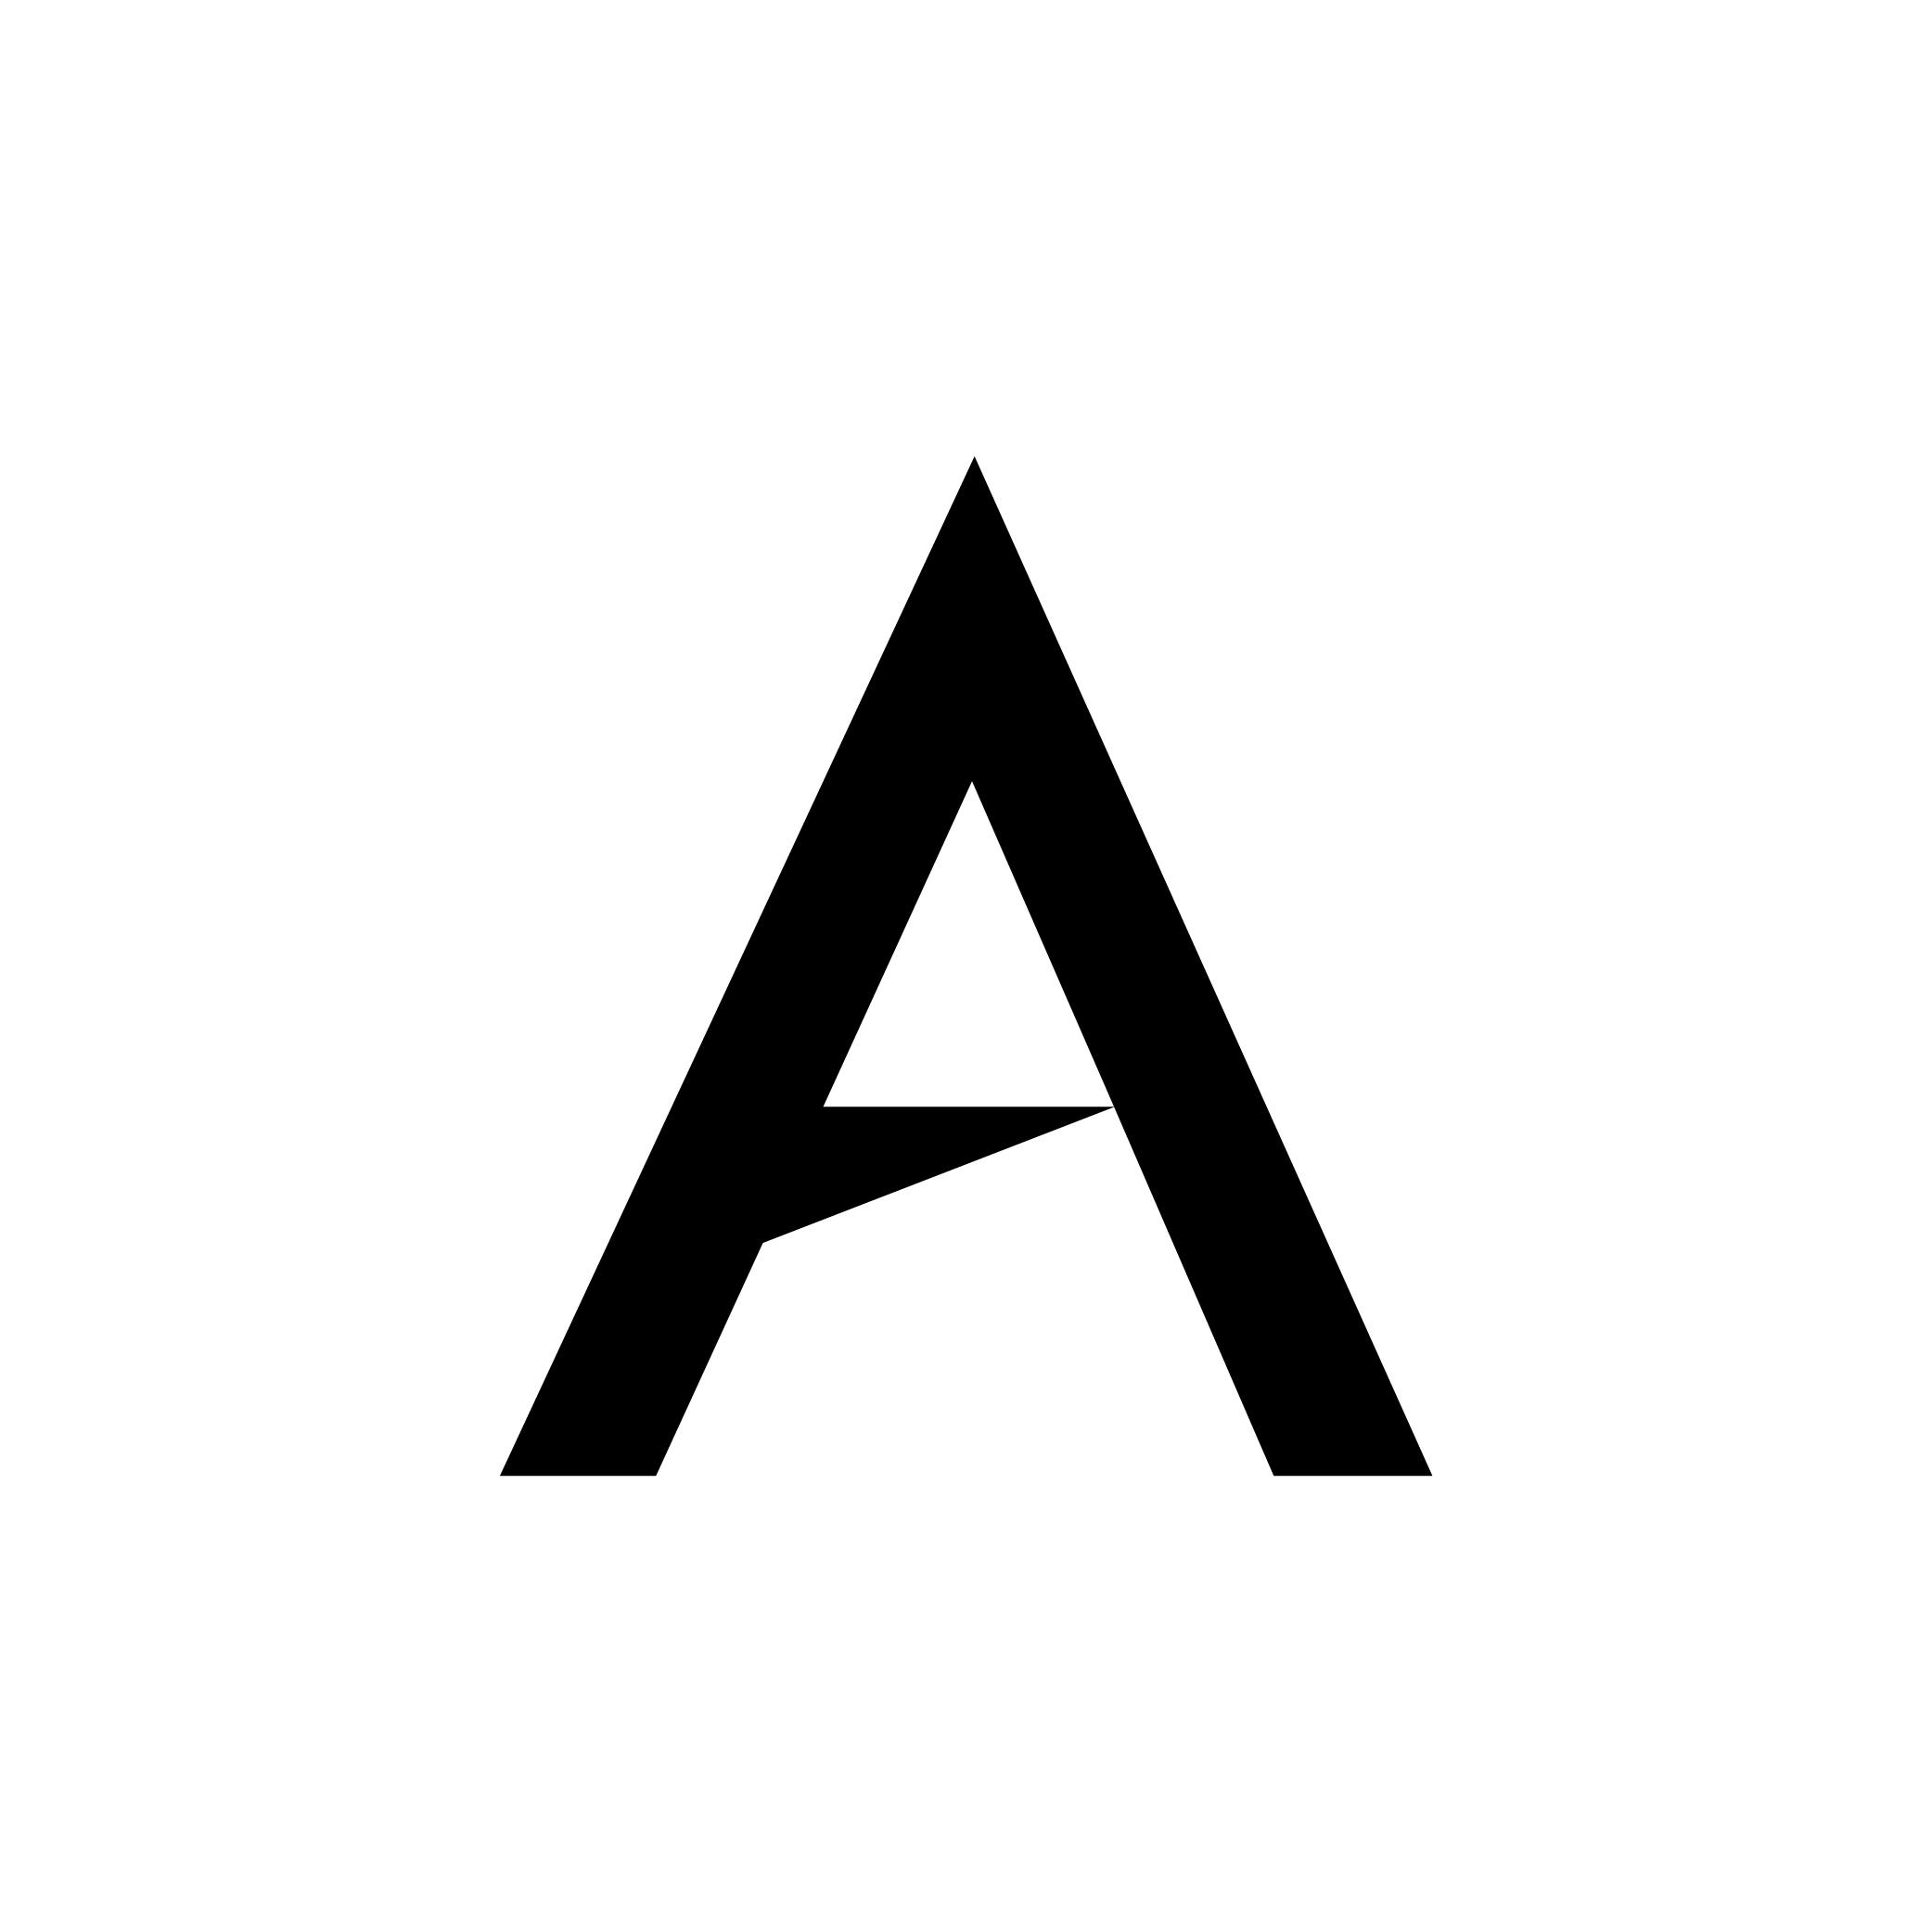 Airtime_Logo_Symbol_Black